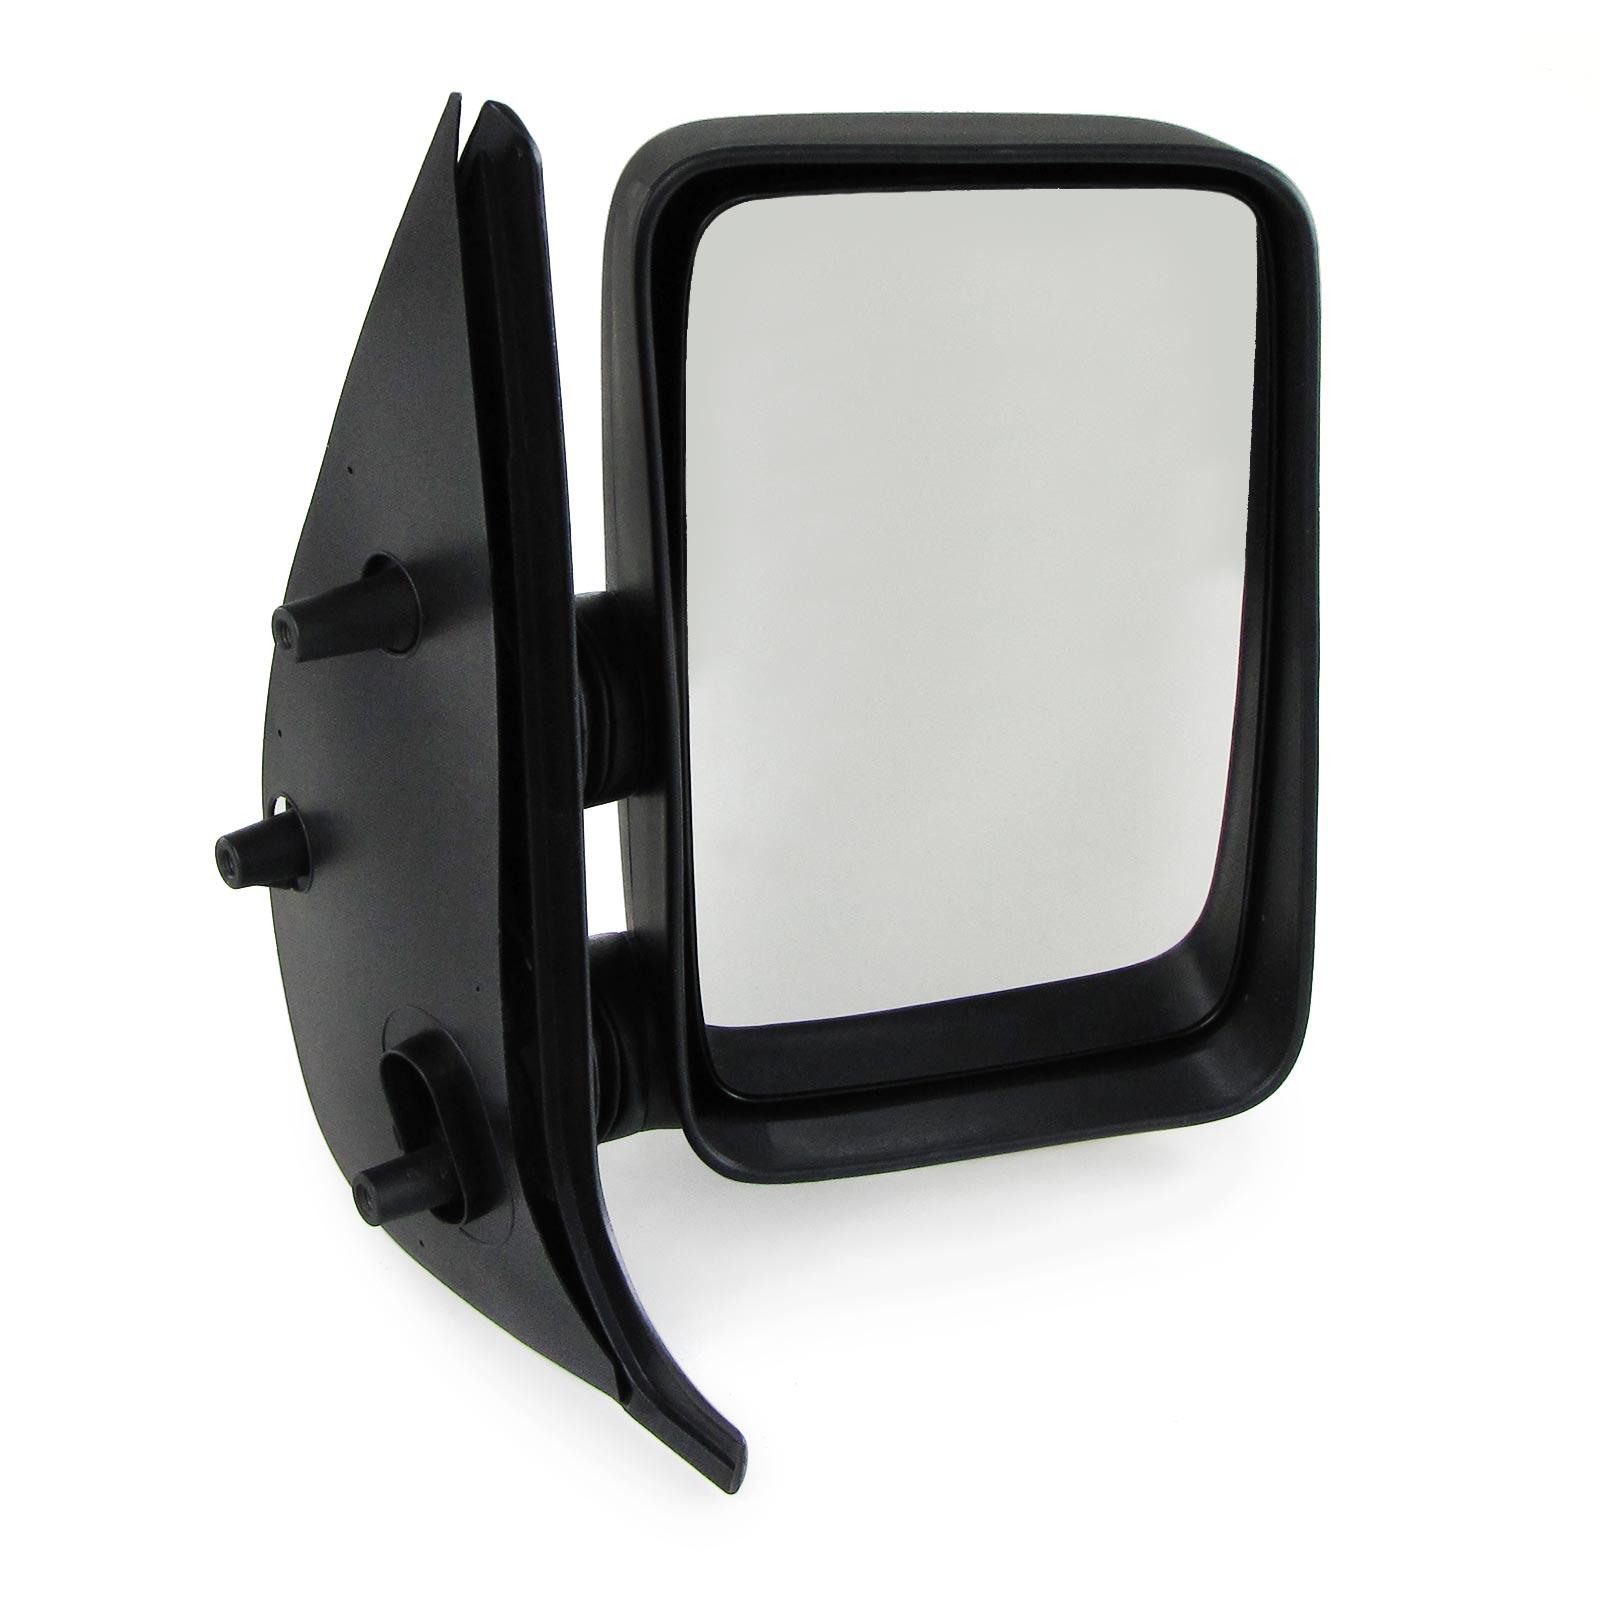 spiegel au enspiegel rechts f r ducato jumper boxer. Black Bedroom Furniture Sets. Home Design Ideas